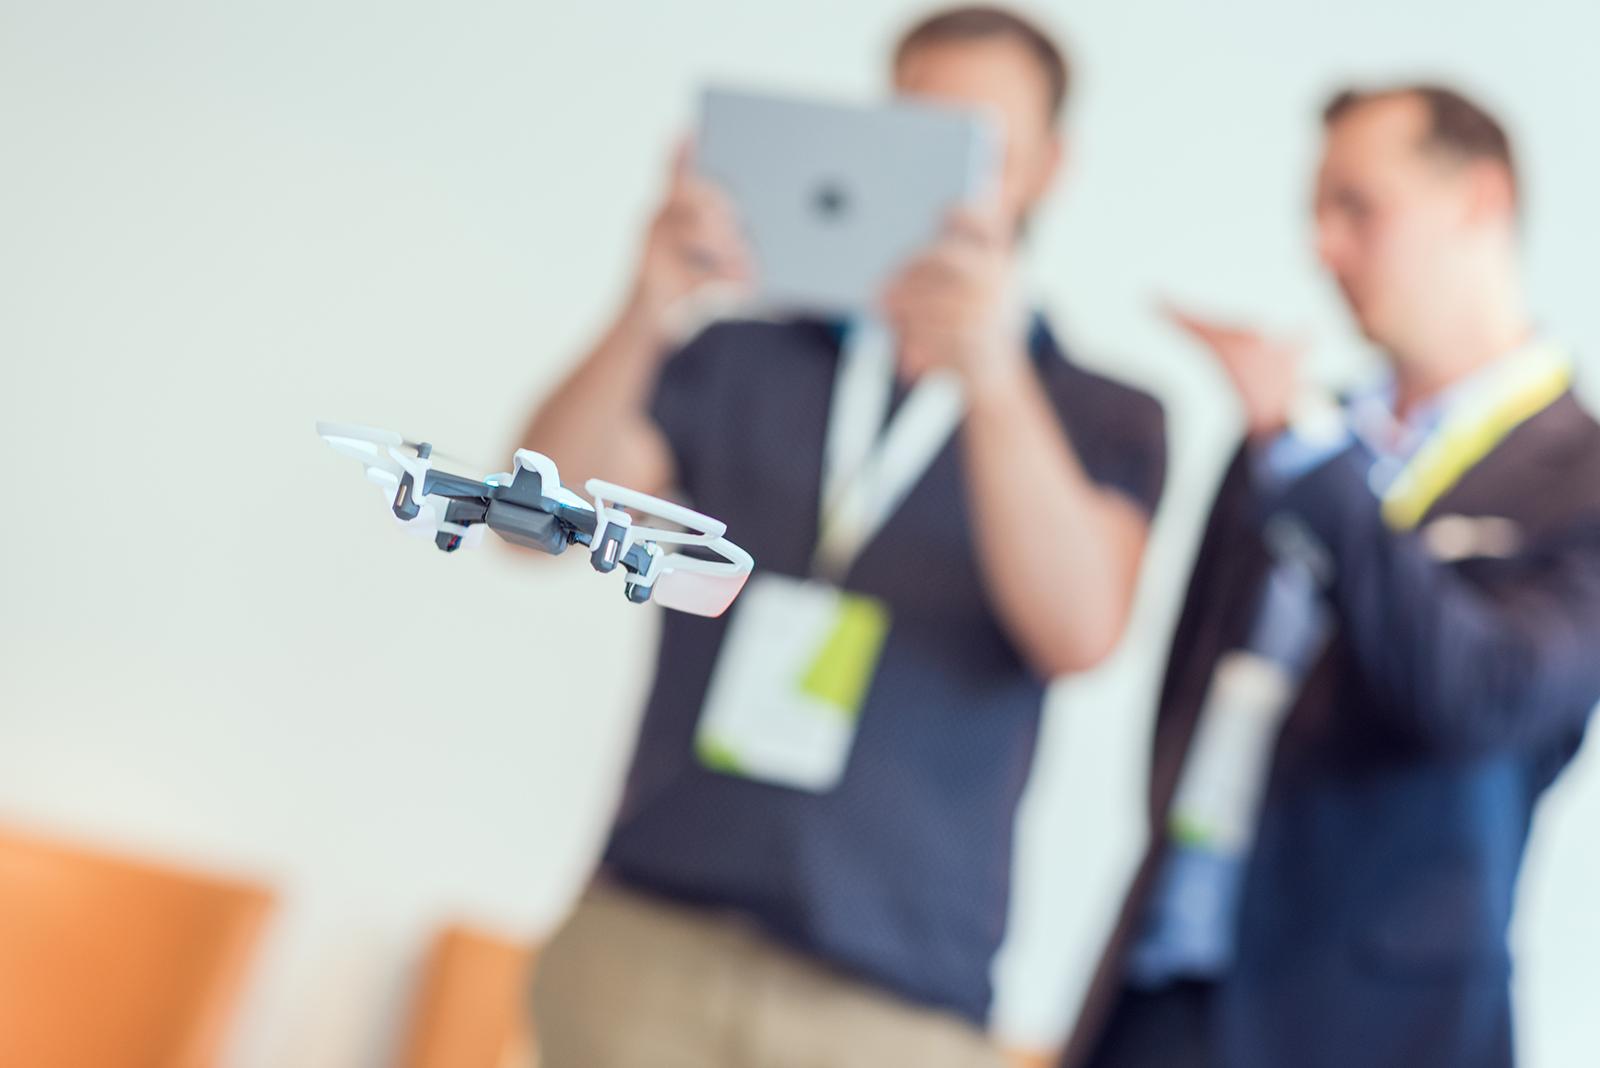 Vítěz loňského ročníku: Drone n Base